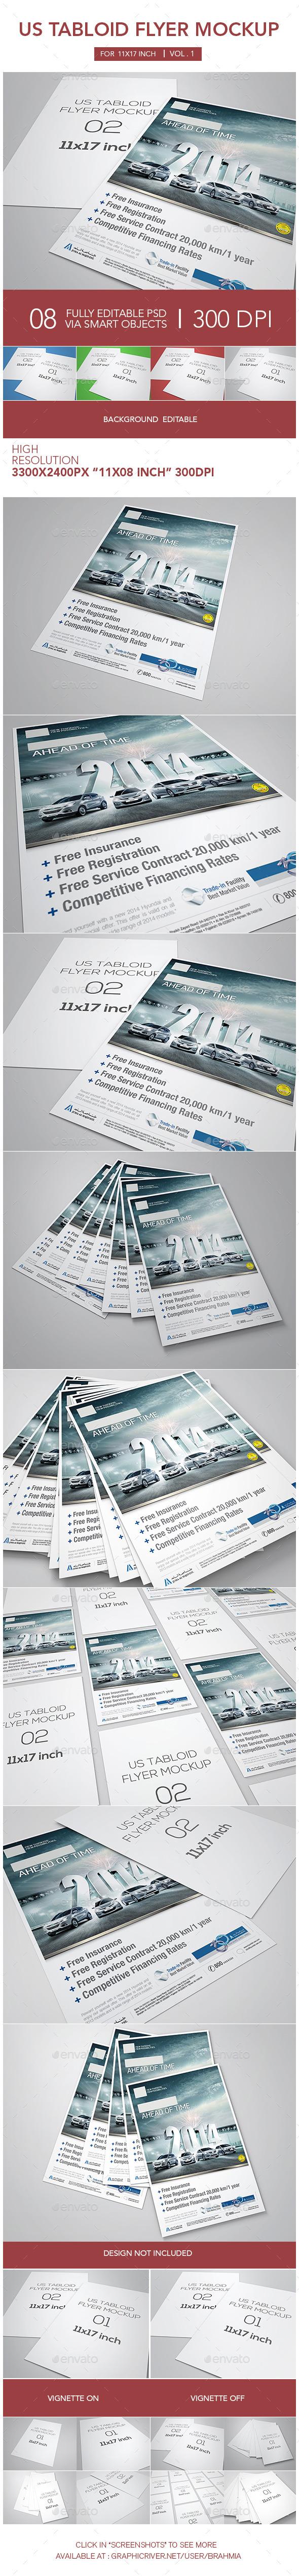 Tabloid Flyer Mockup - Flyers Print